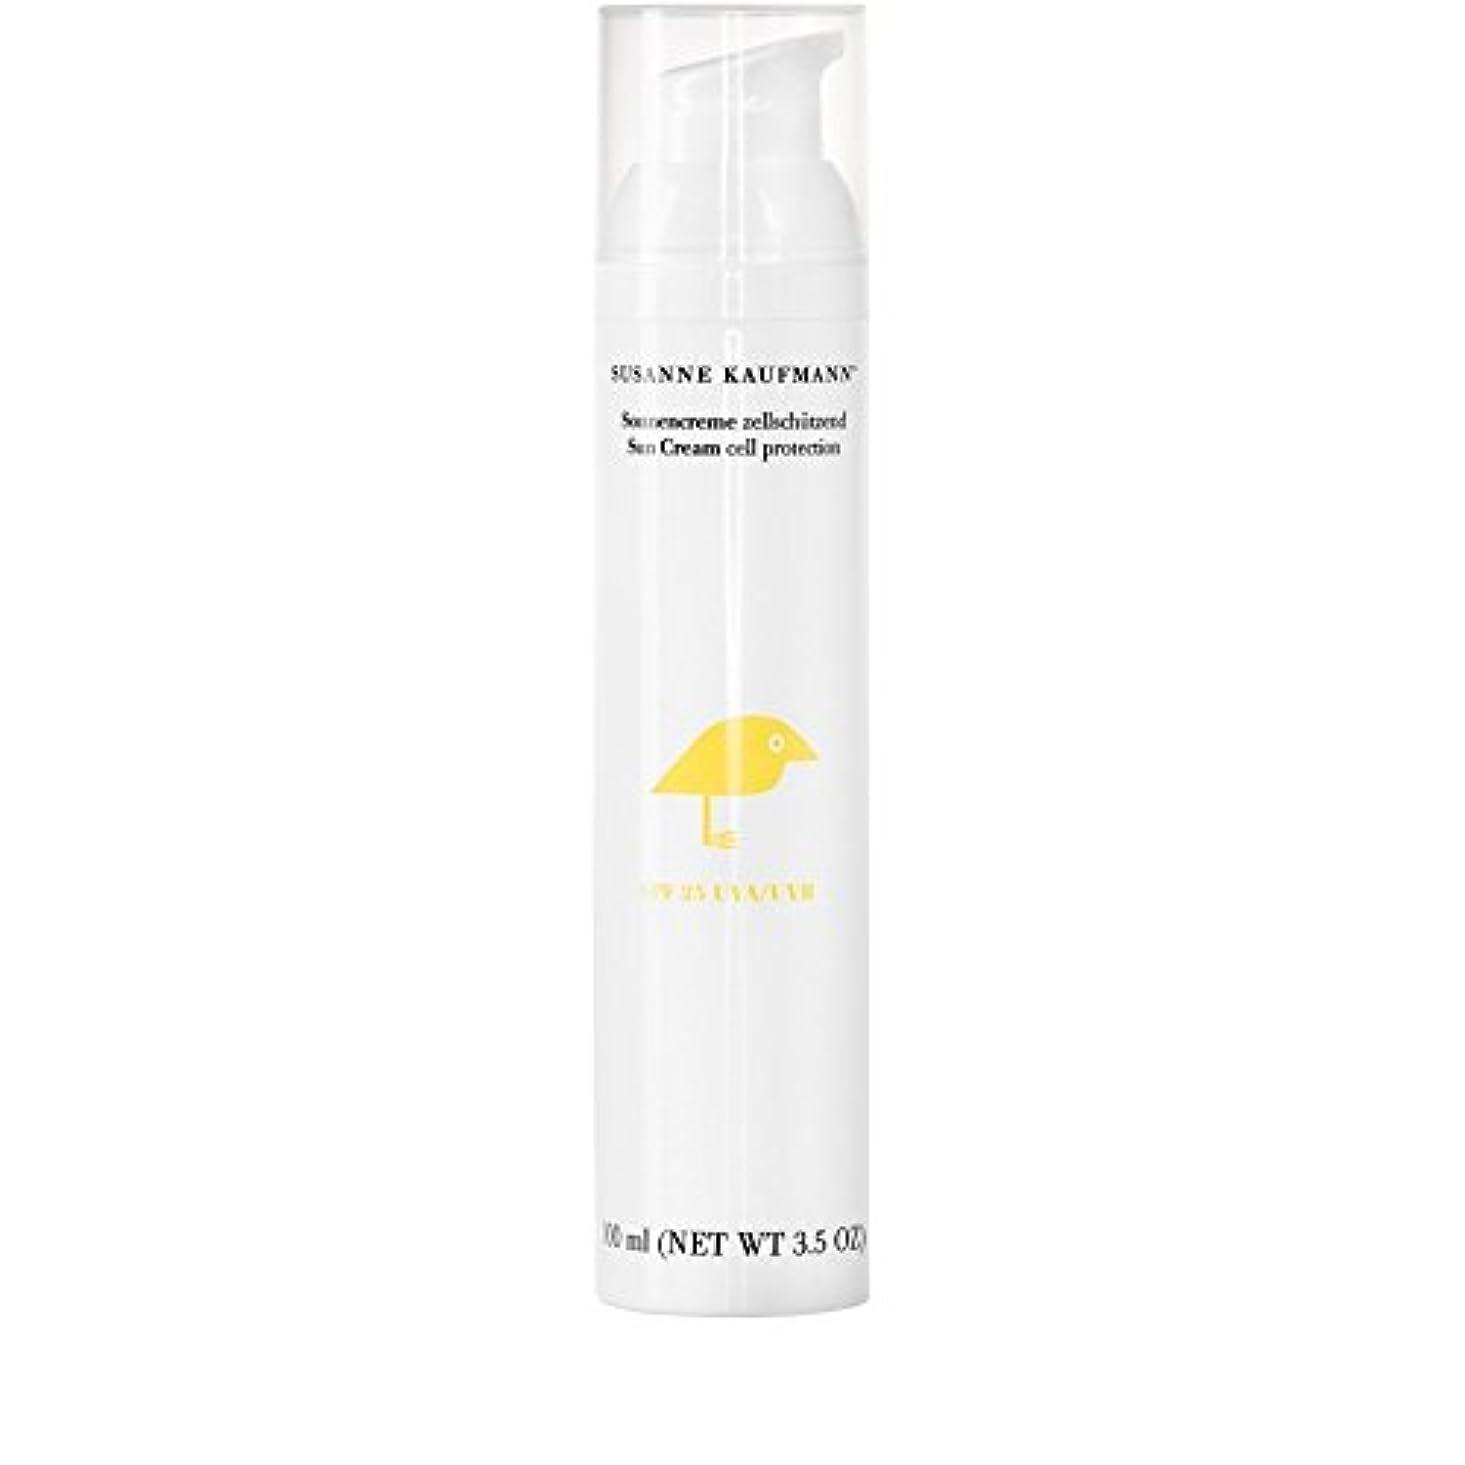 腹痛階層距離Susanne Kaufmann Cell Protection Sun Cream SPF25 100ml - スザンヌカウフマン細胞保護日クリーム25の100ミリリットル [並行輸入品]